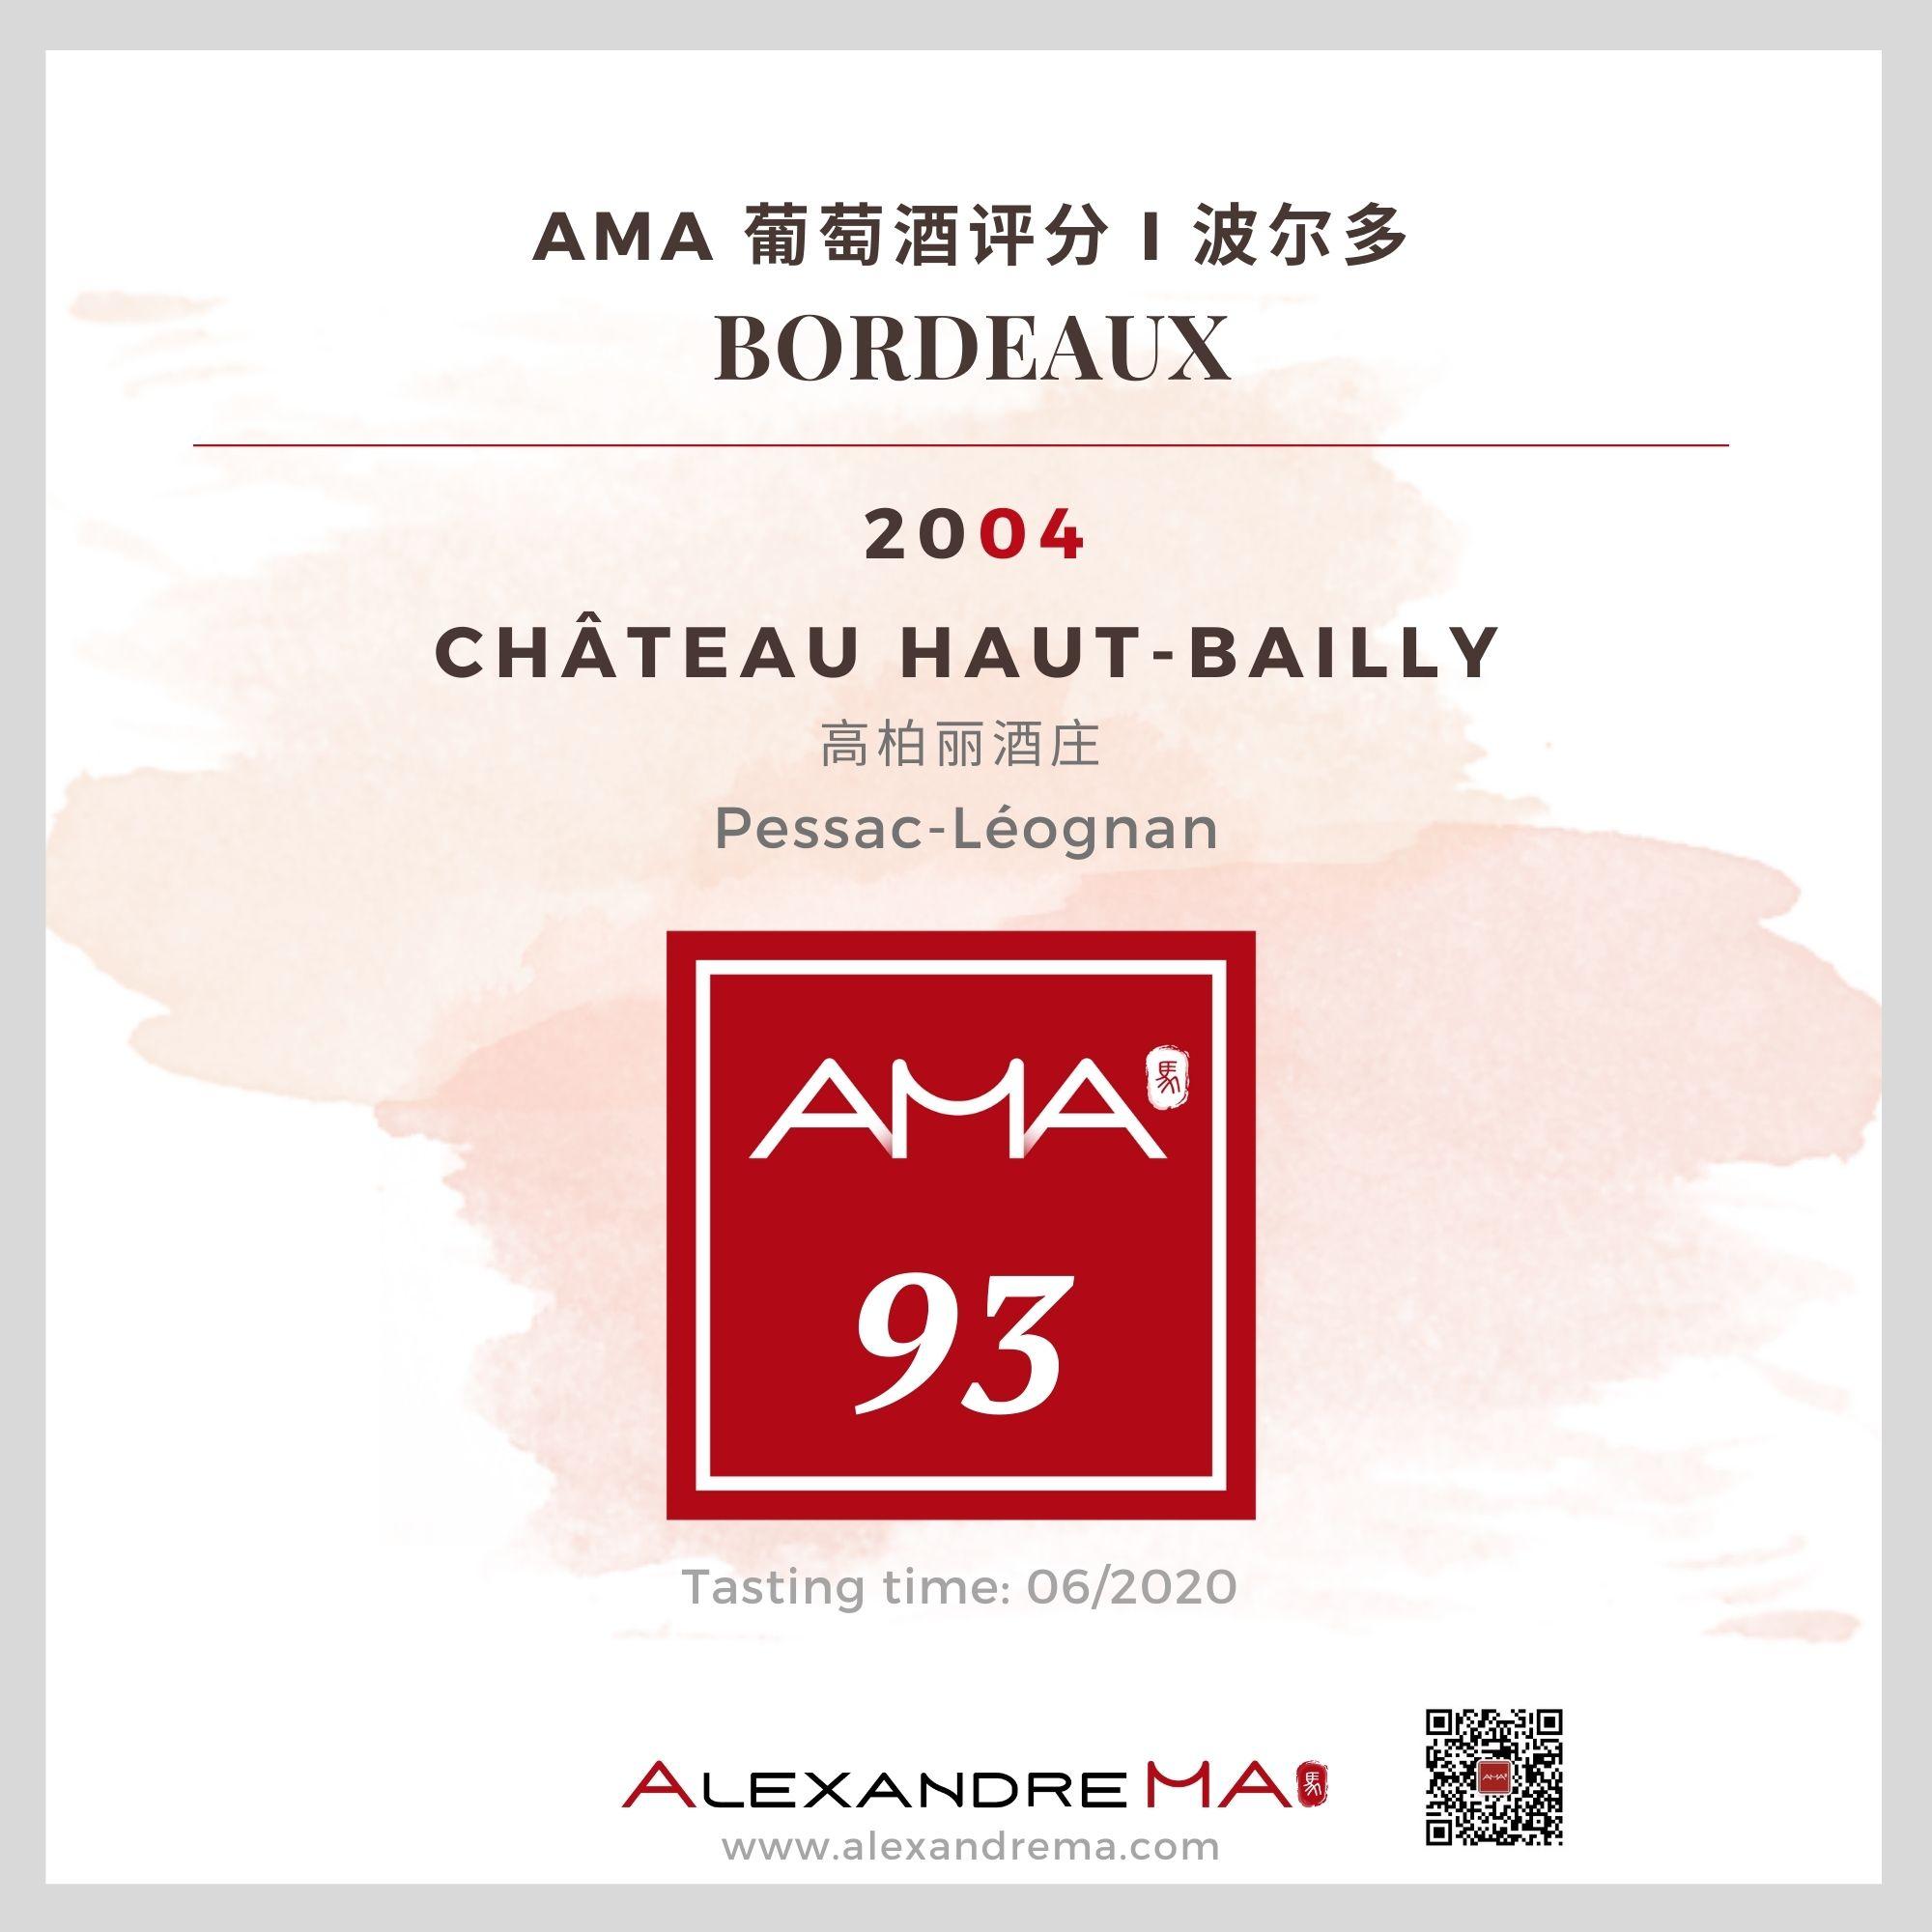 Château Haut-Bailly 2004 高柏丽酒庄 - Alexandre Ma